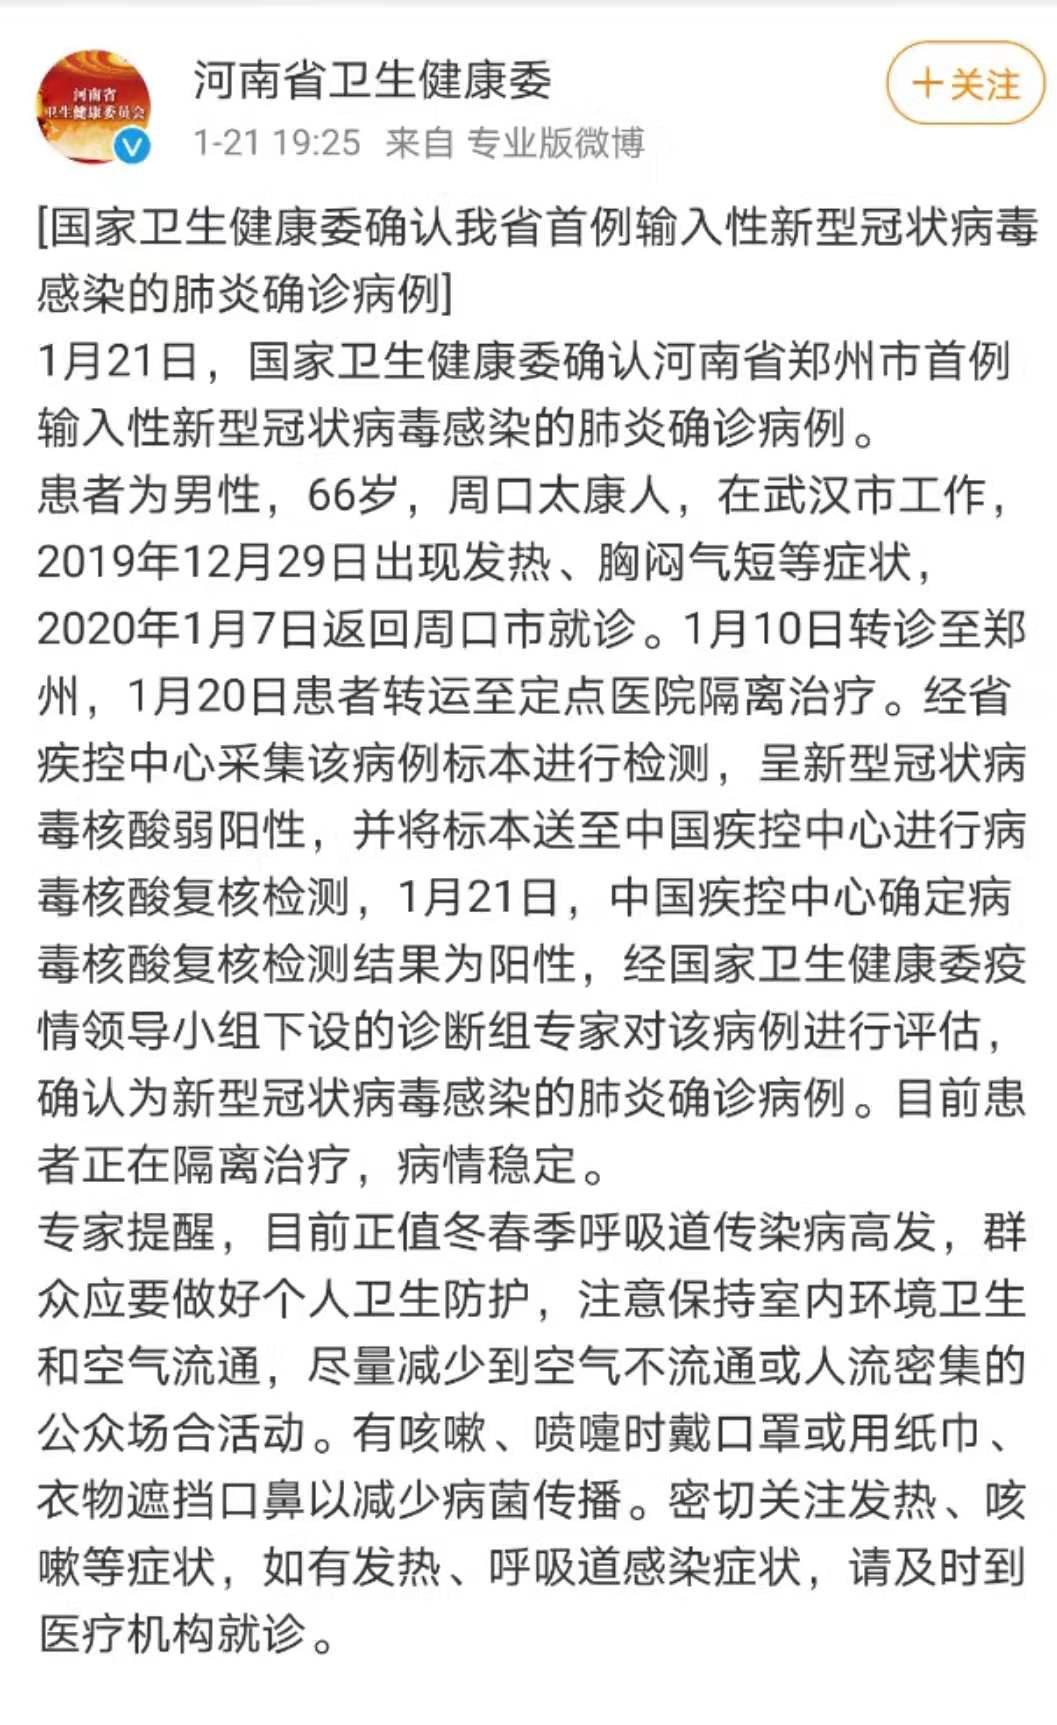 河南省新型冠狀病毒確診一例,有疑似病例待確認圖片